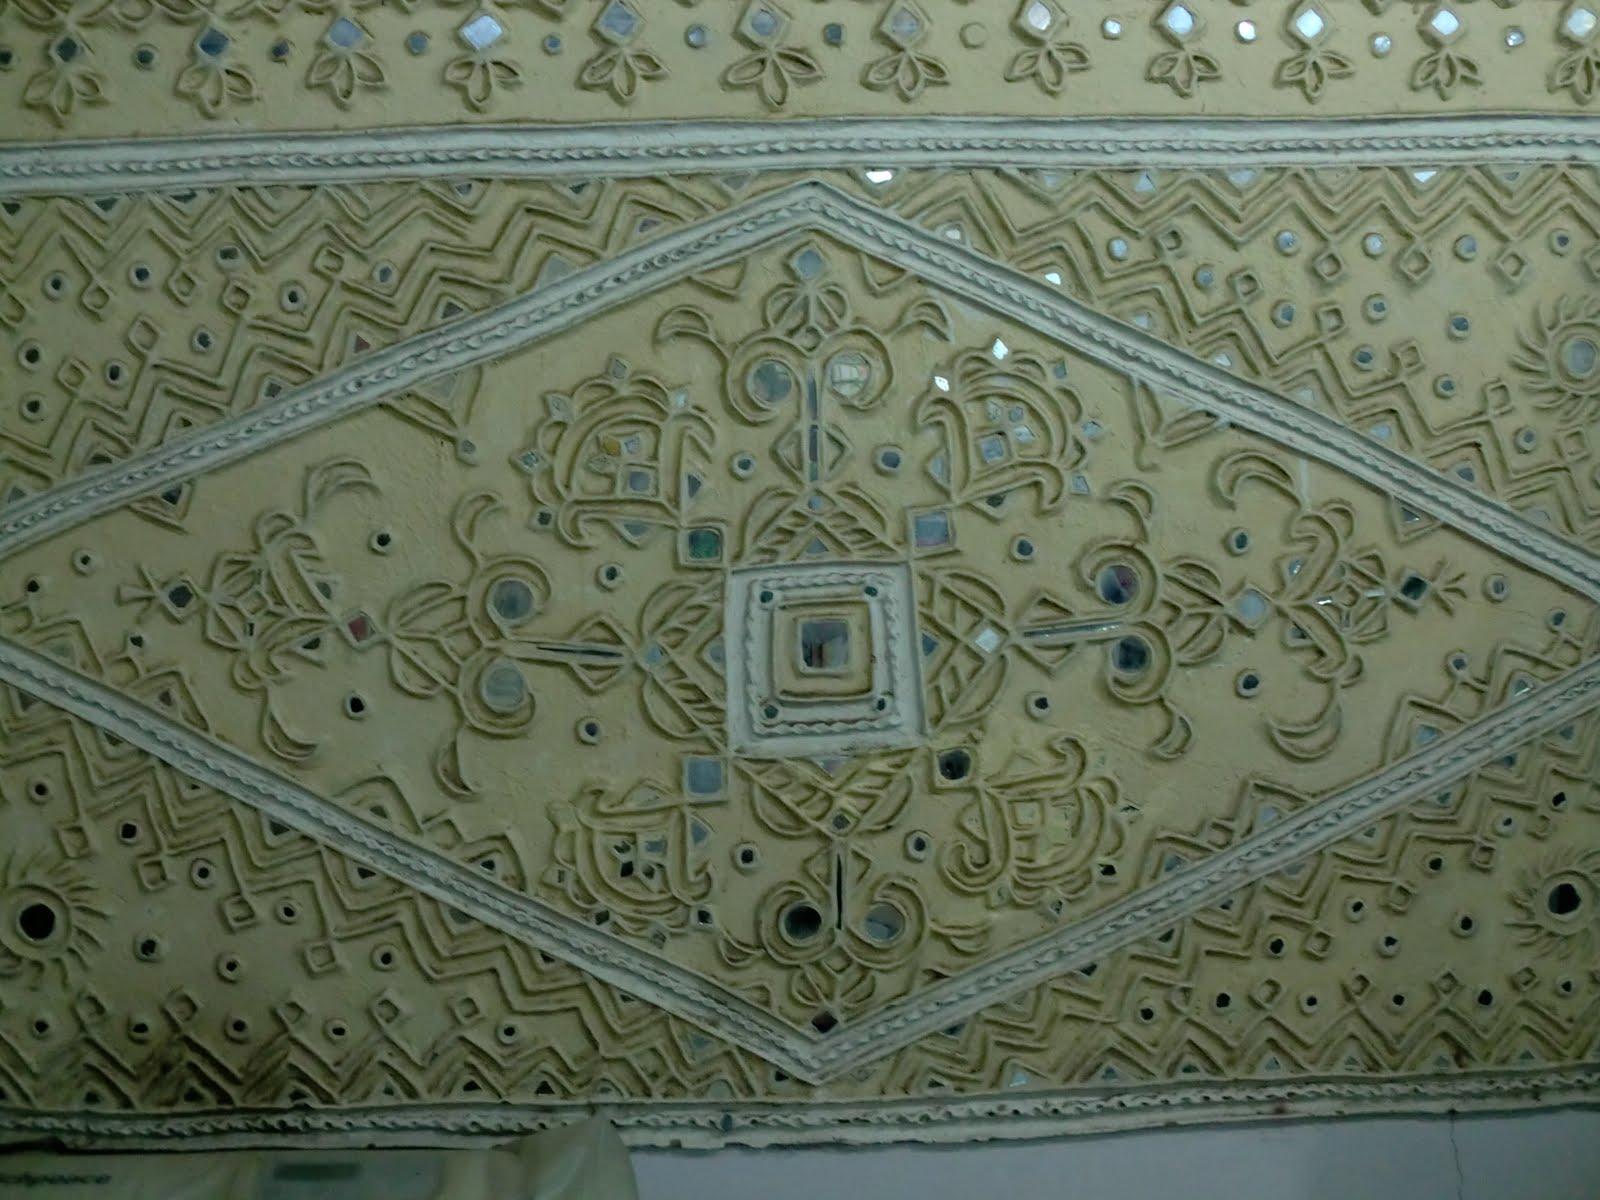 http://1.bp.blogspot.com/_JbZRFgVqv3E/TC9c8PmbQAI/AAAAAAAAAO4/6R6ig-RfX_g/s1600/India+20+102.jpg